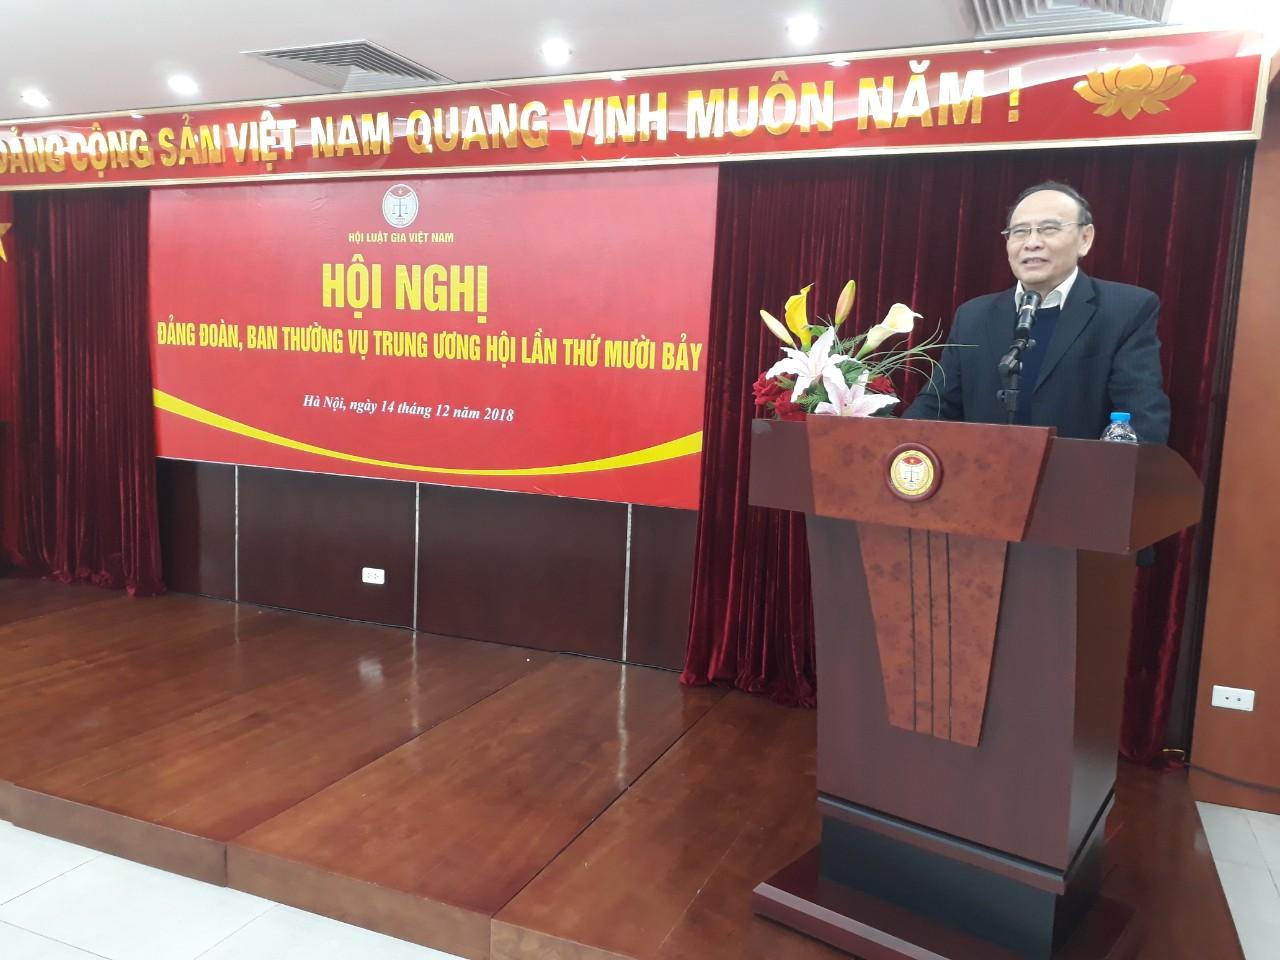 Đảng đoàn, Ban Thường vụ Trung ương Hội Luật gia Việt Nam họp Hội nghị lần thứ mười bảy